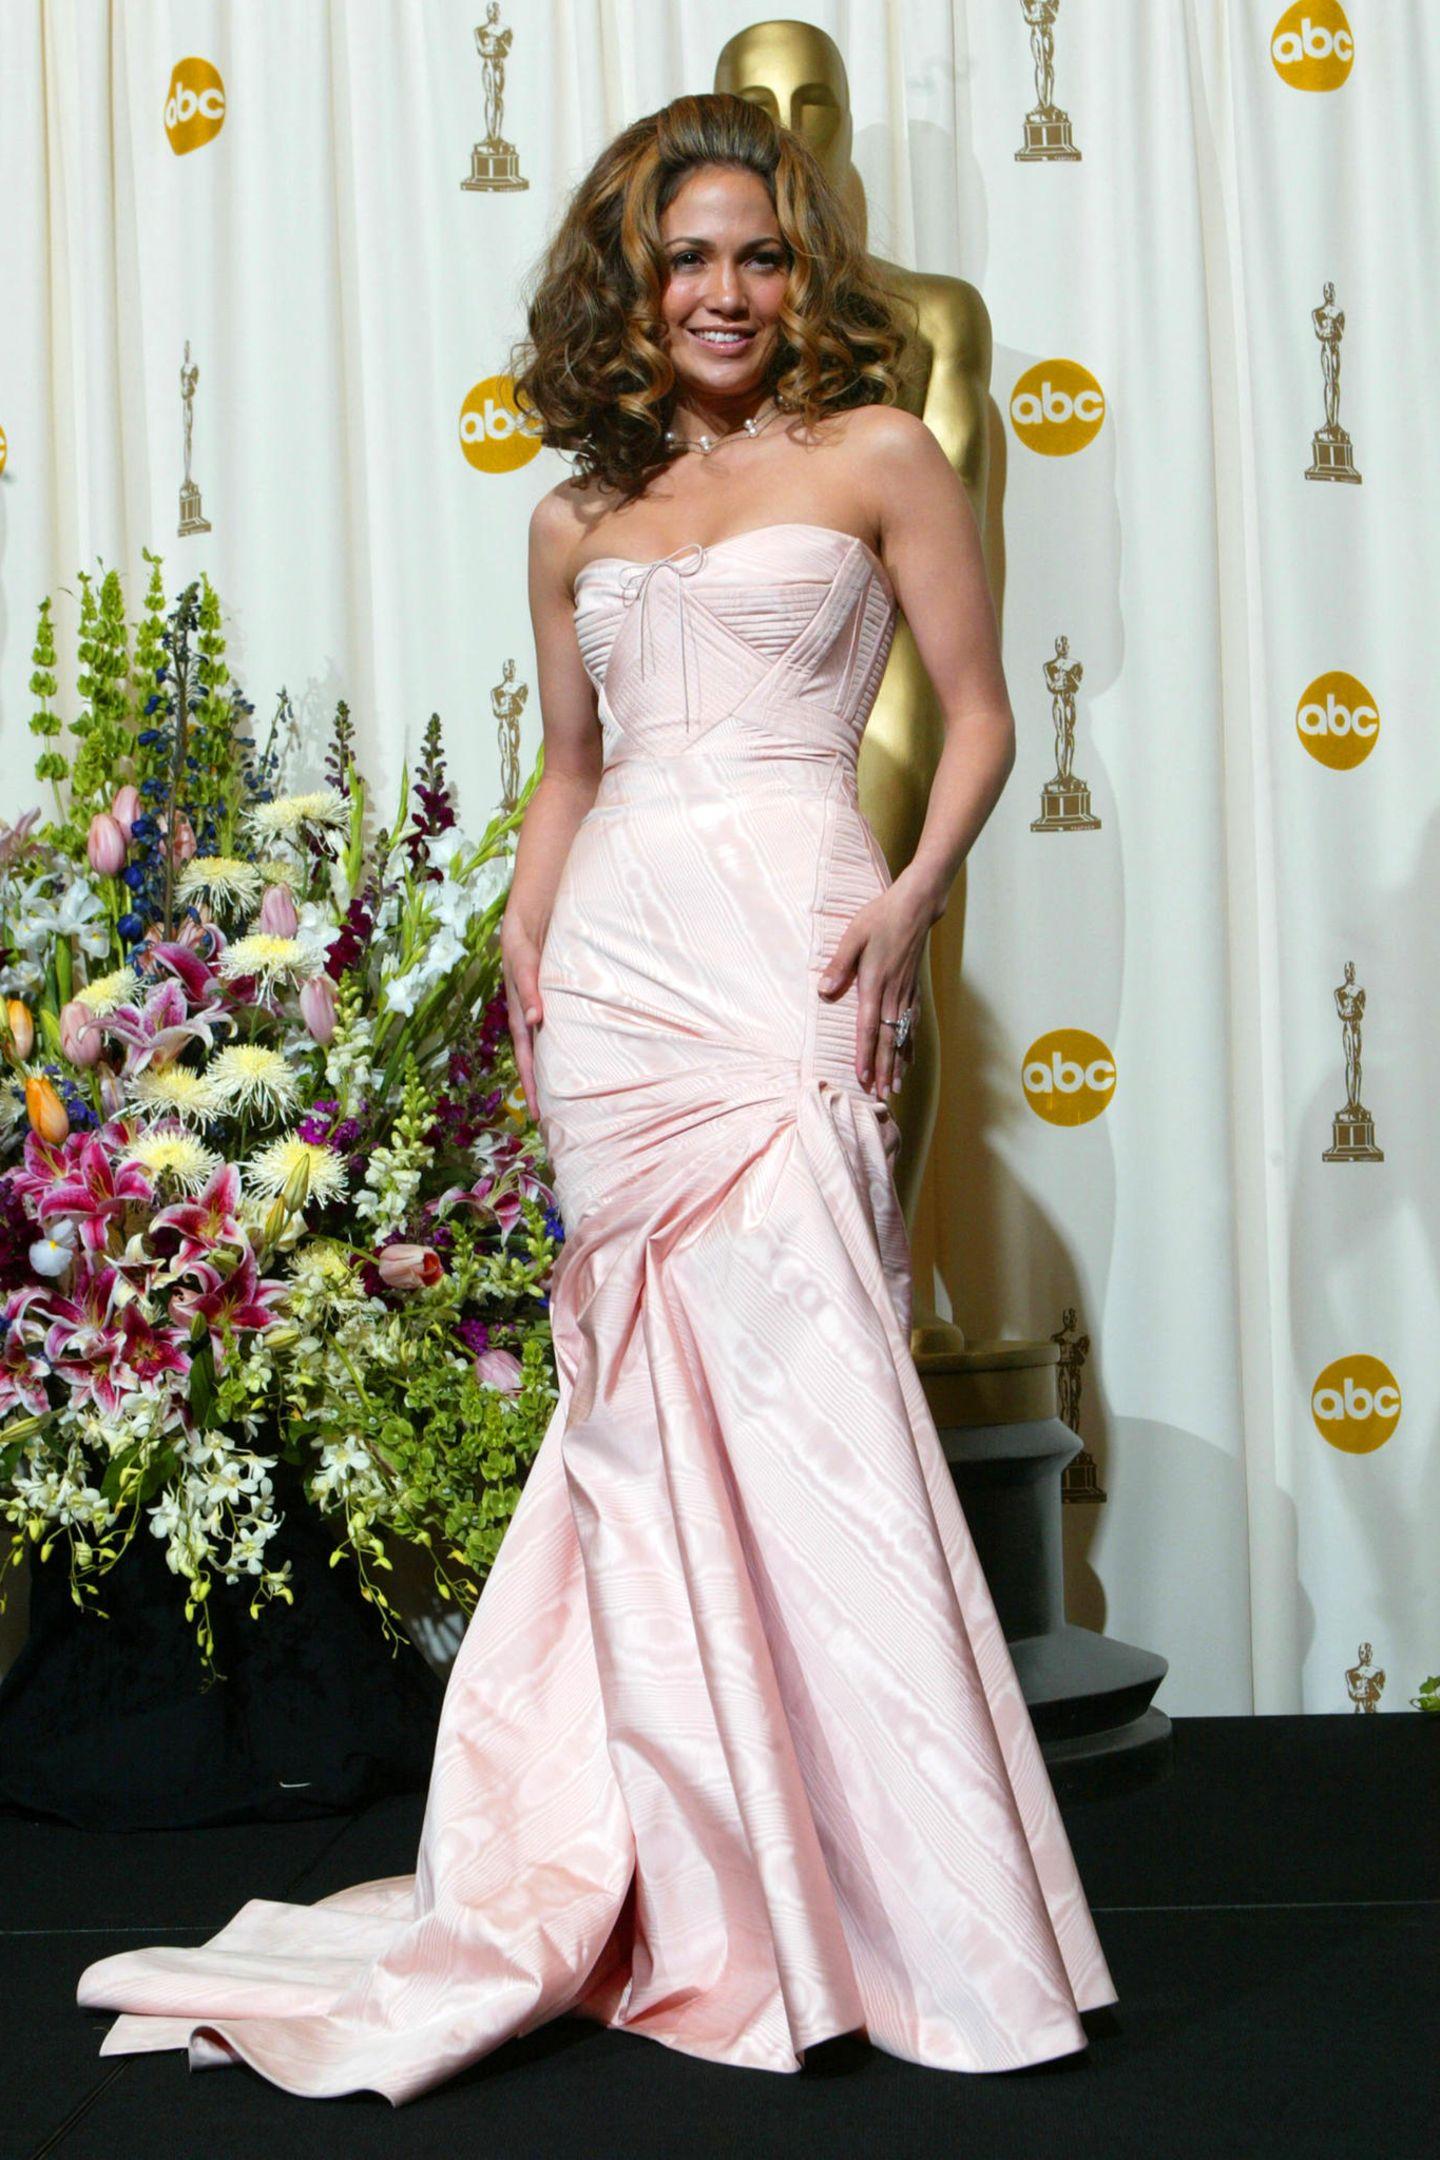 Bei den Oscars in 2002 erscheint Jennifer Lopez in einem Mermaid-Dress in Blush, das am Oberkörper extravagant genäht ist.